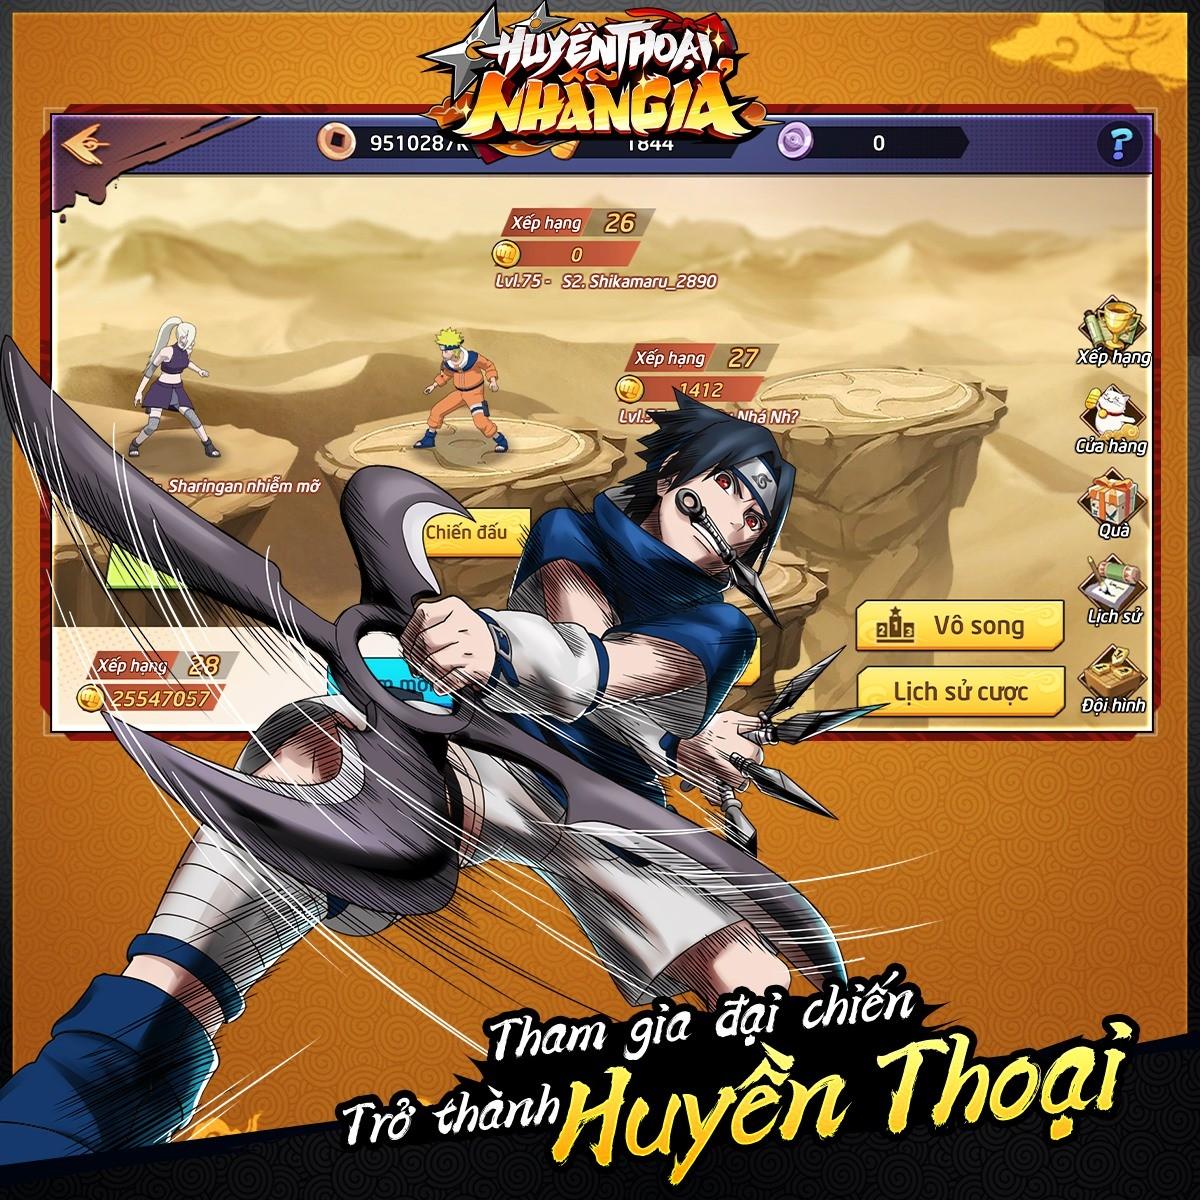 Huyền Thoại Nhẫn Giả: Thêm một game mobile đề tài Naruto chuẩn bị ra mắt